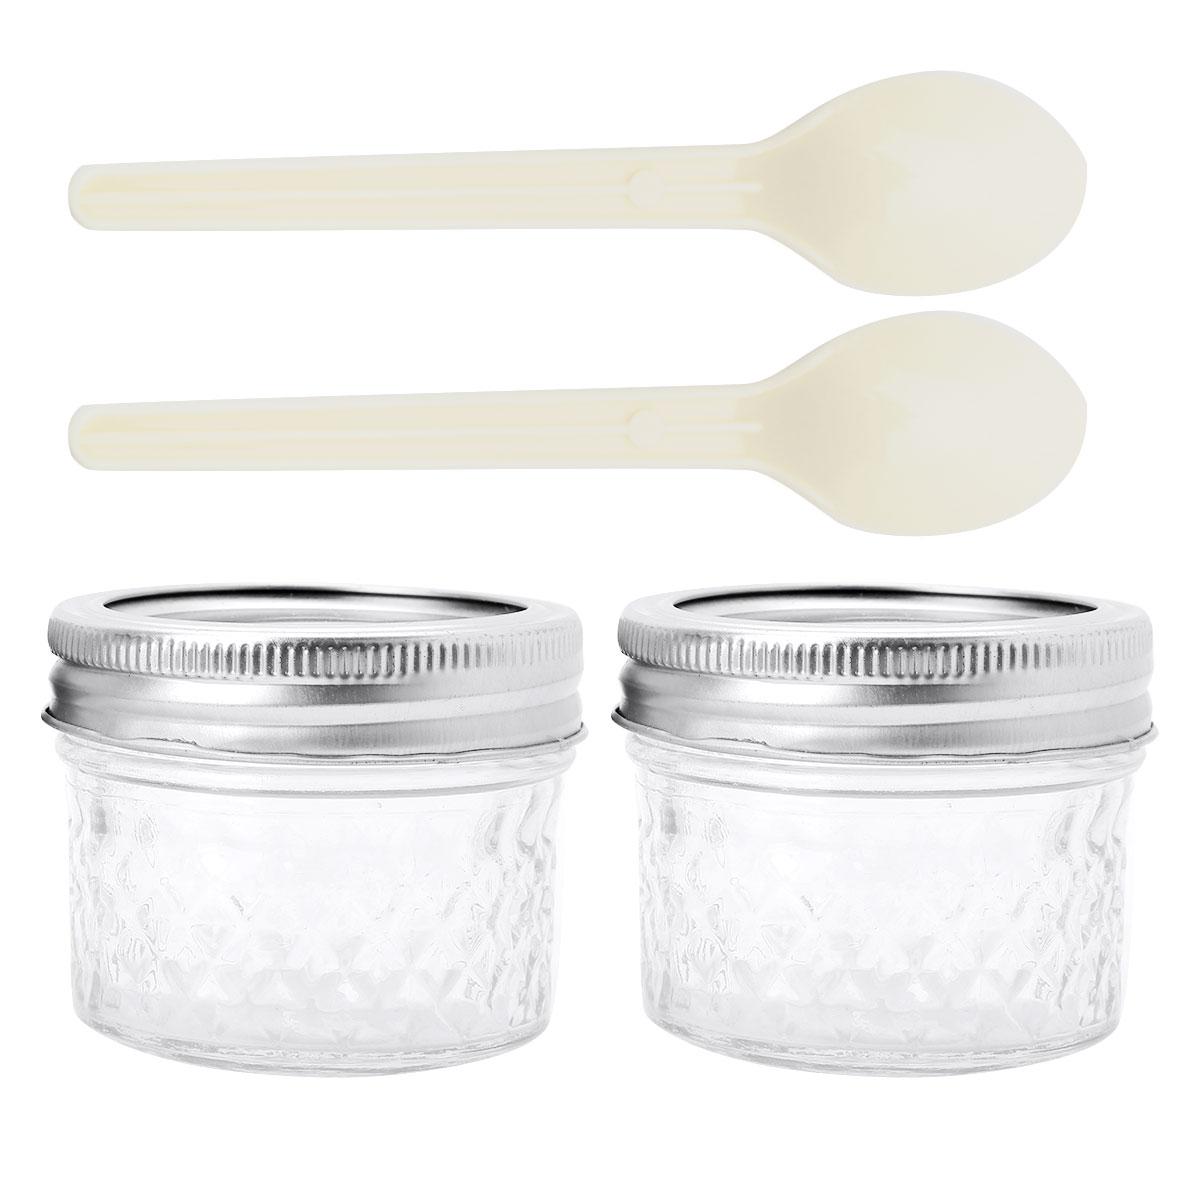 2 uds 4oz(120ml) tarros de masón de boca ancha con tapas bandas y cucharas para mermelada miel boda favores de la ducha favores de la comida del bebé tarro de masón